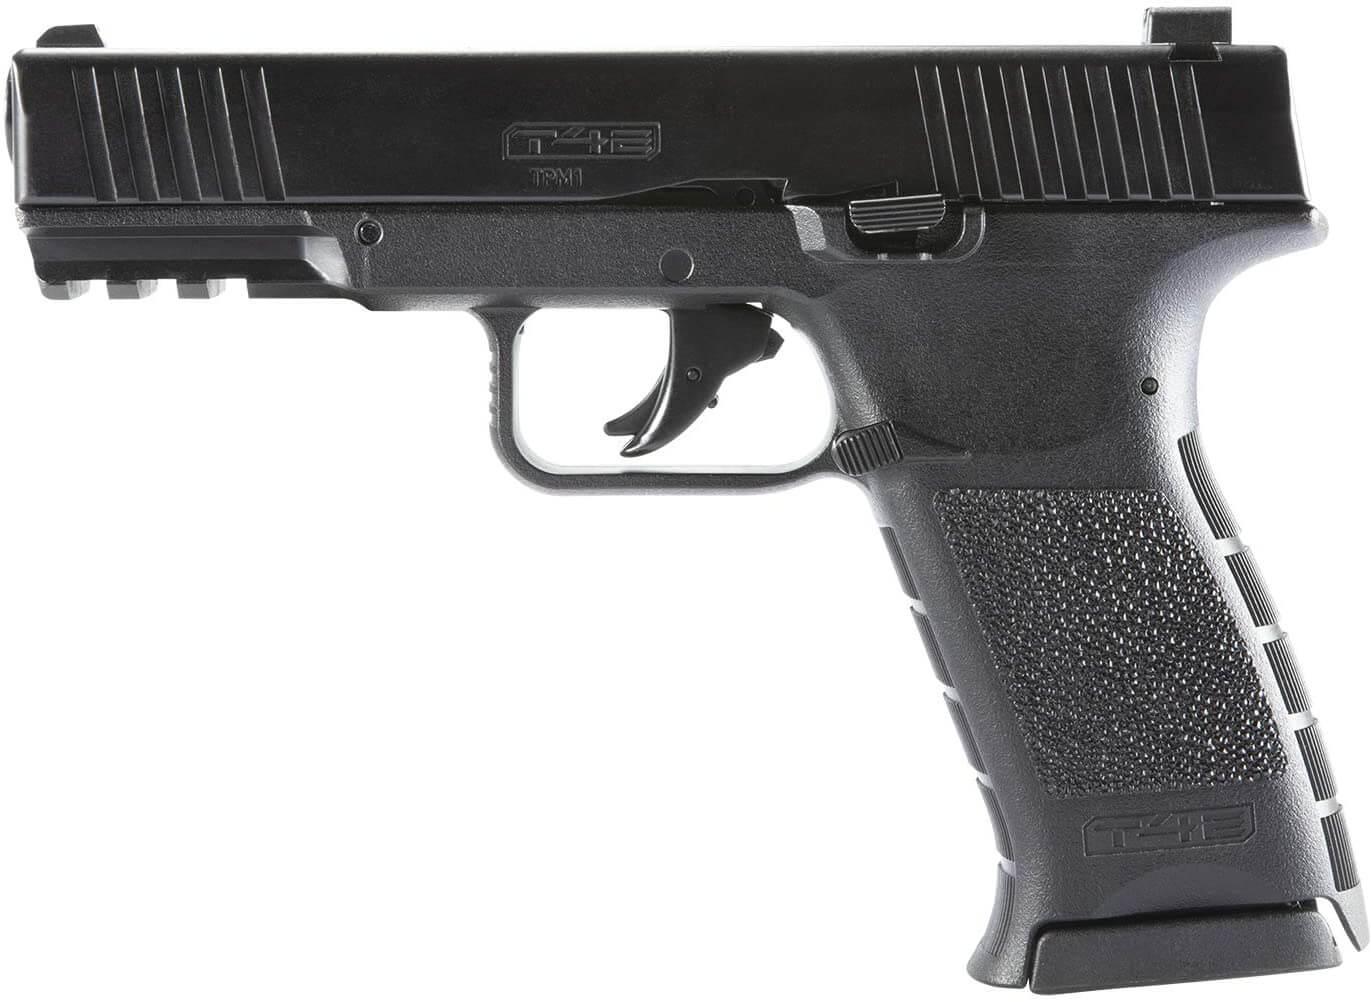 T4E TPM1 .43 Caliber Pistol